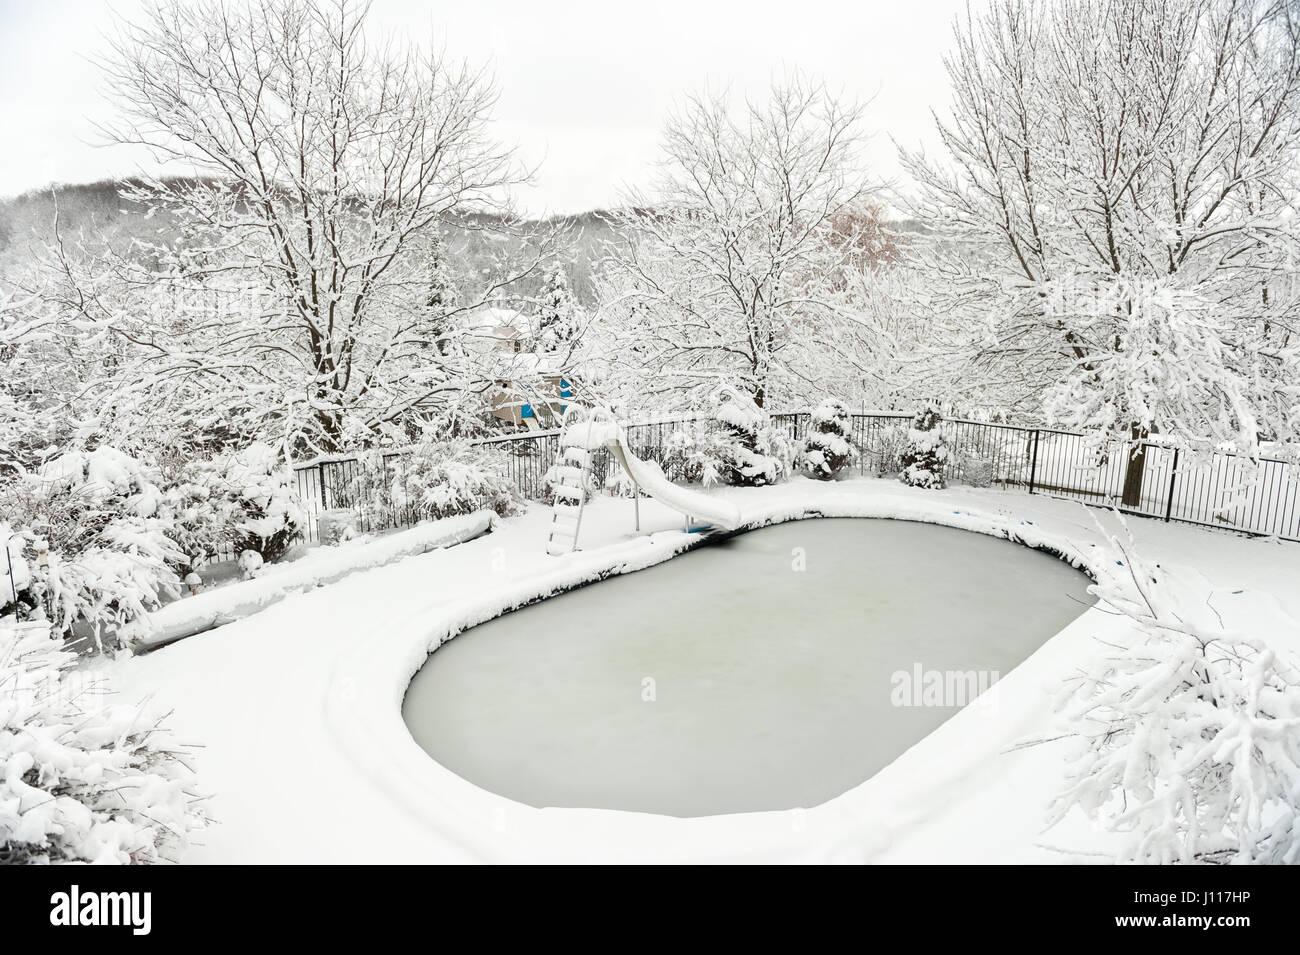 Hinterhof Pool Im Winter Nach Schweren Schneefall Sturm